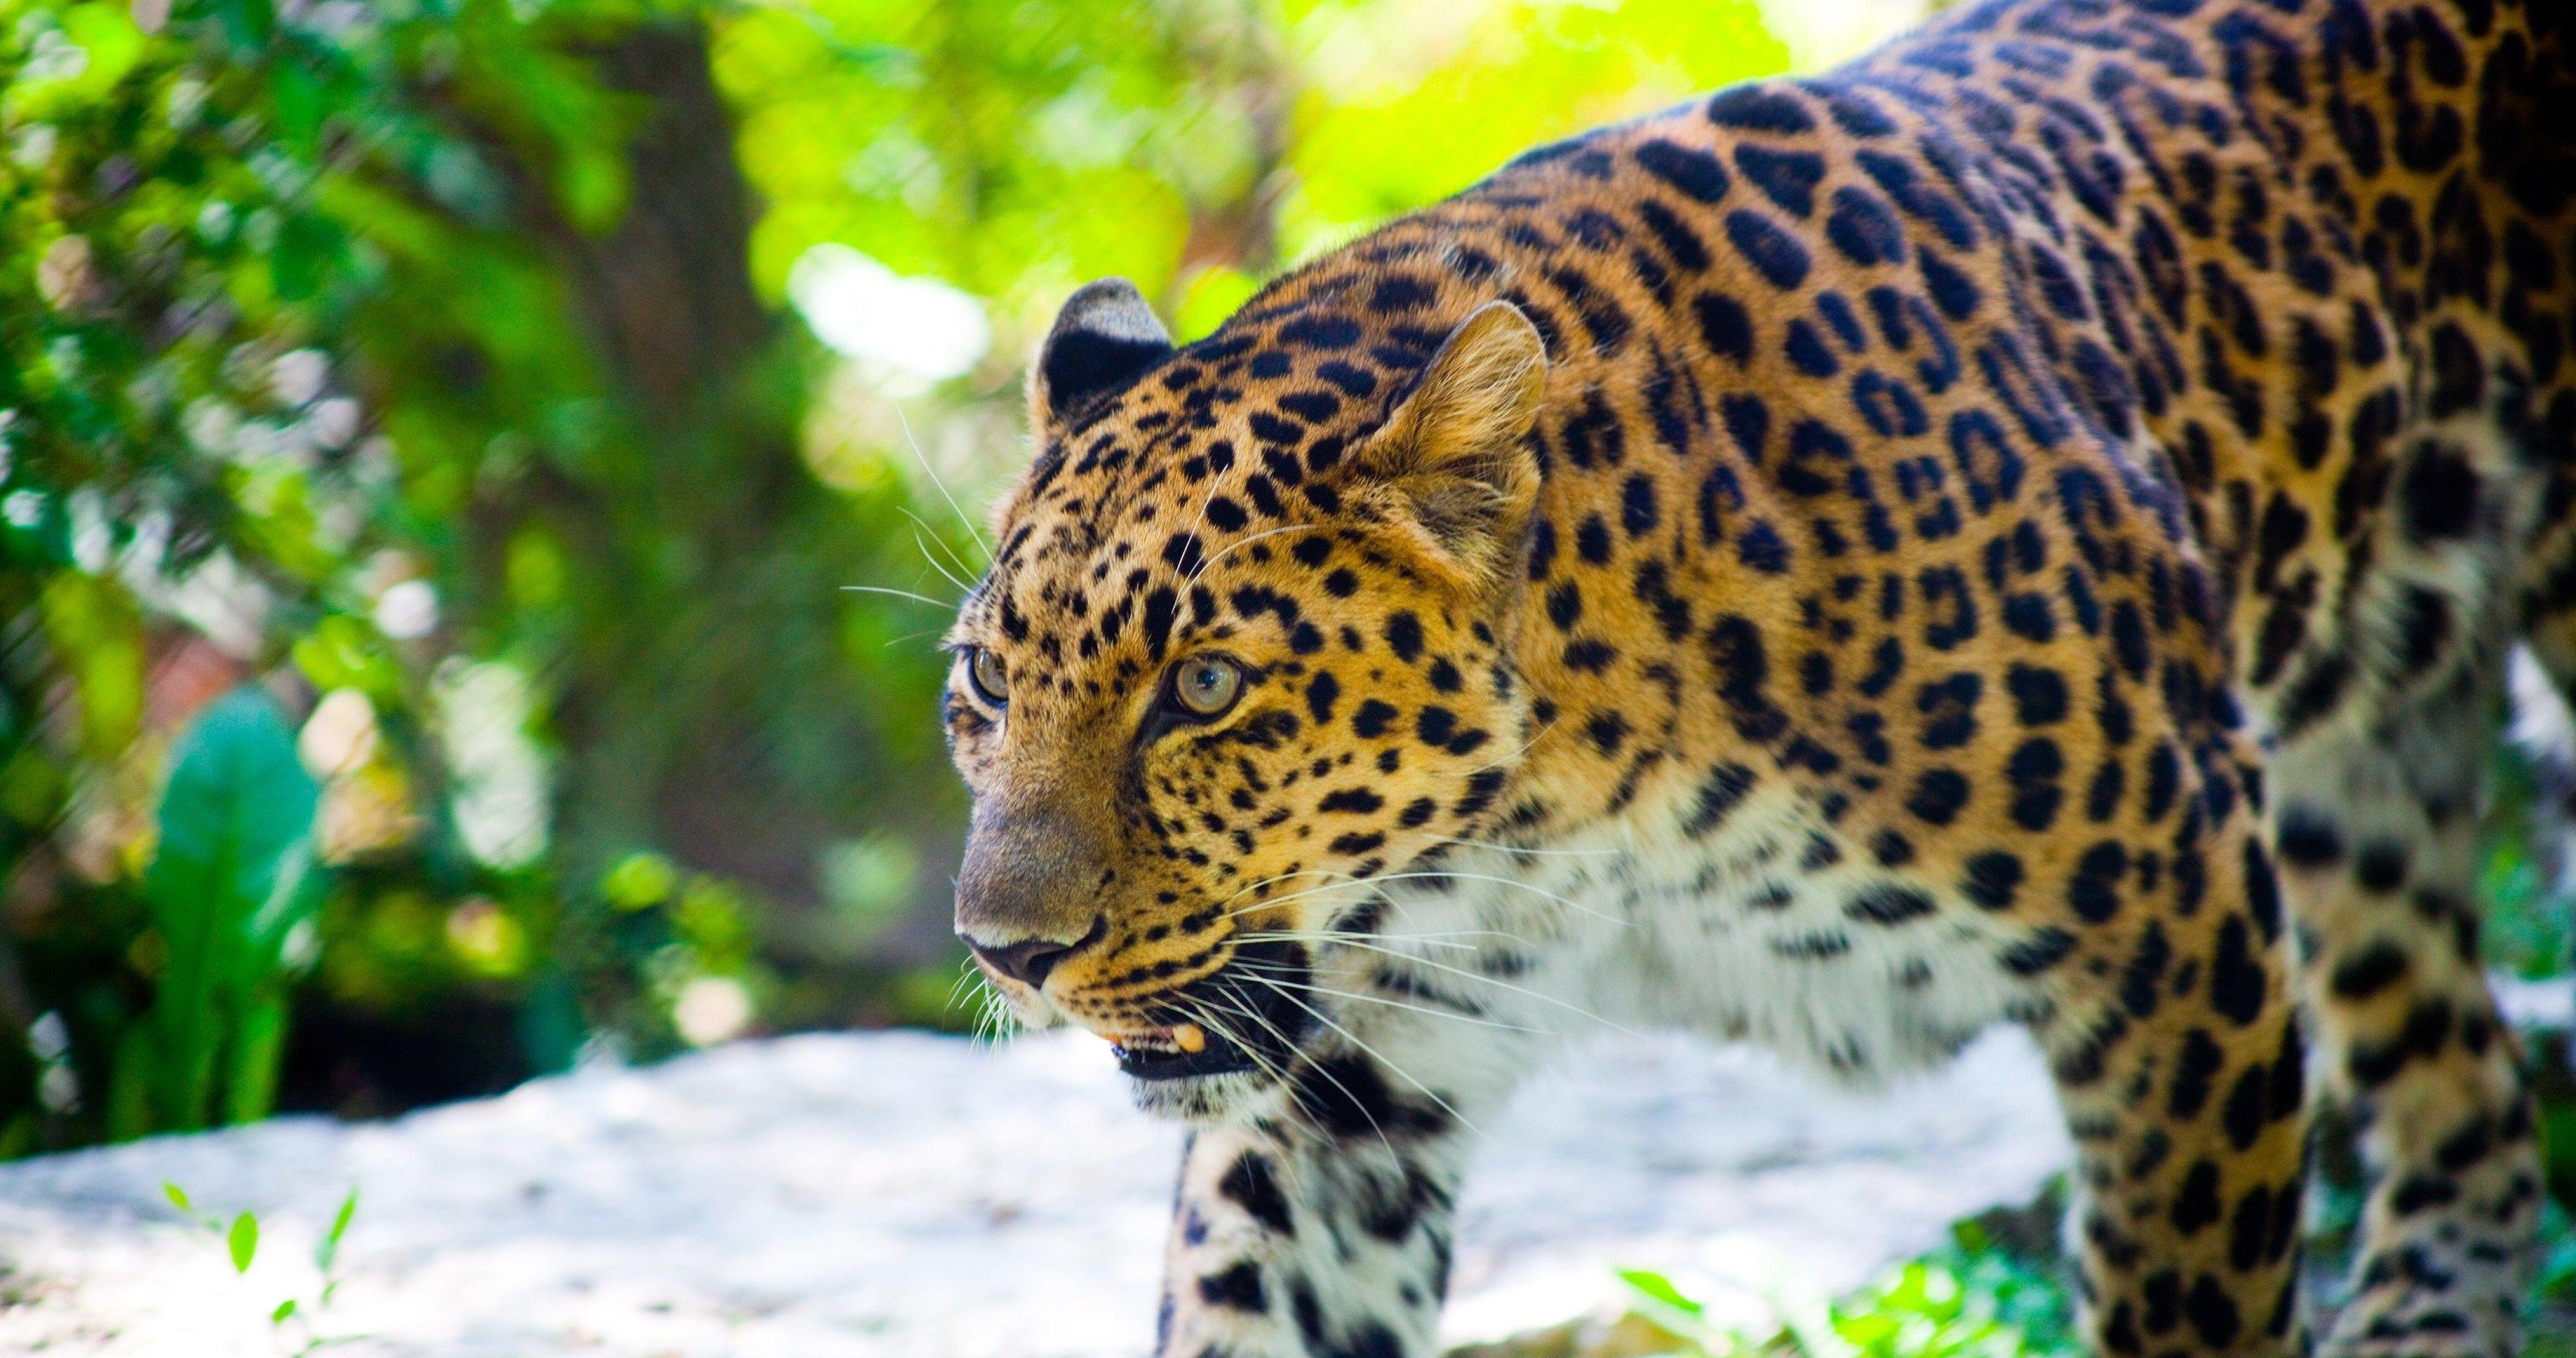 dangerous leopard 4k ultra hd wallpaper Free desktop